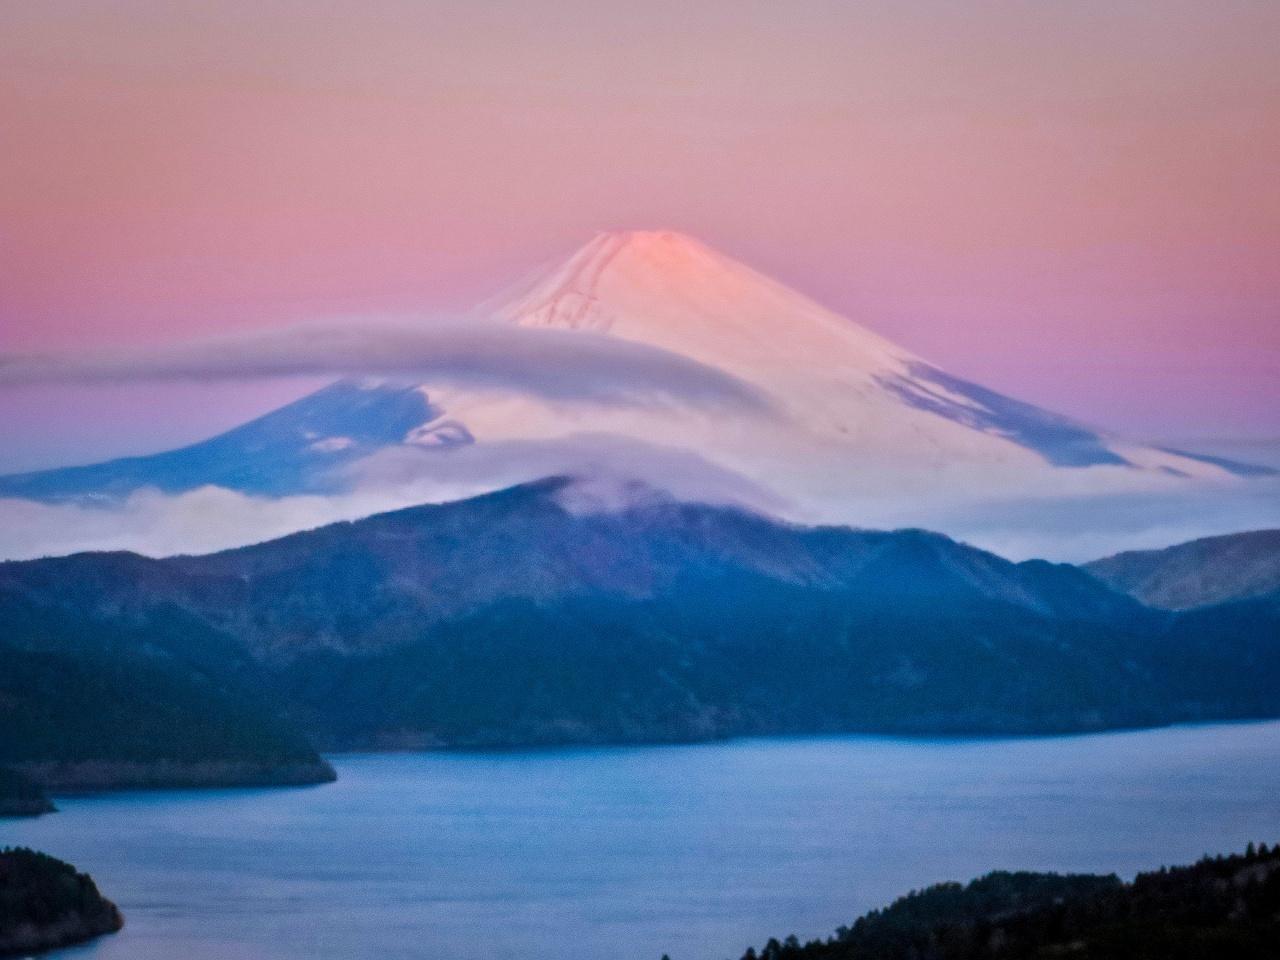 2020.1.30早朝の富士山と芦ノ湖(大観山)_e0321032_09534341.jpg